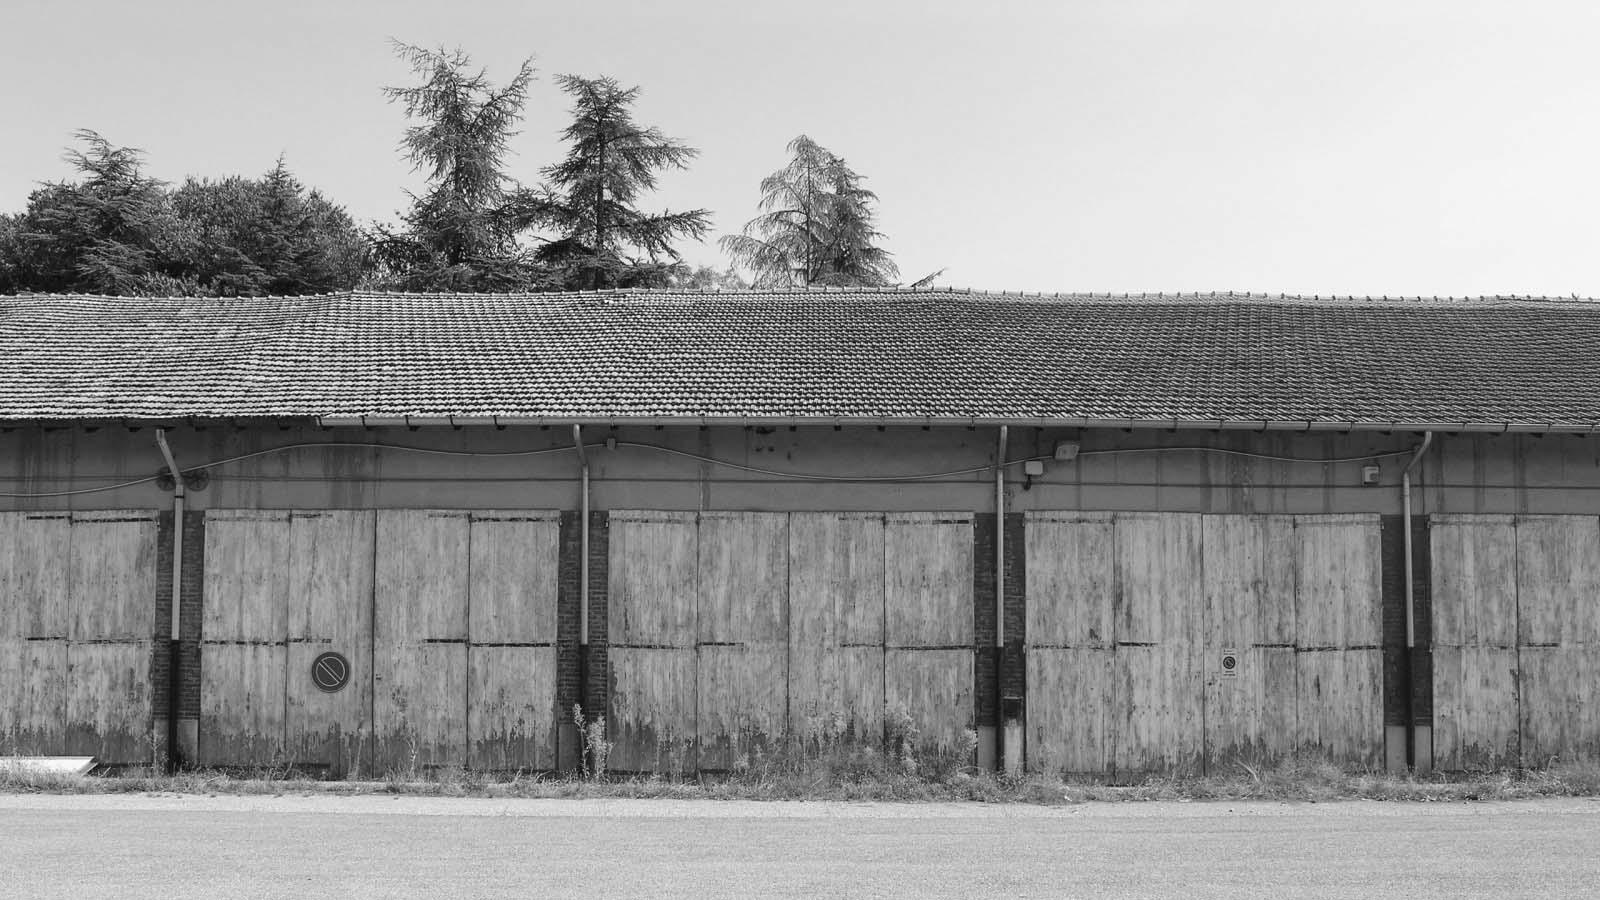 argot-ou-la-maison-mobile-landscape-ex-polveriera-1